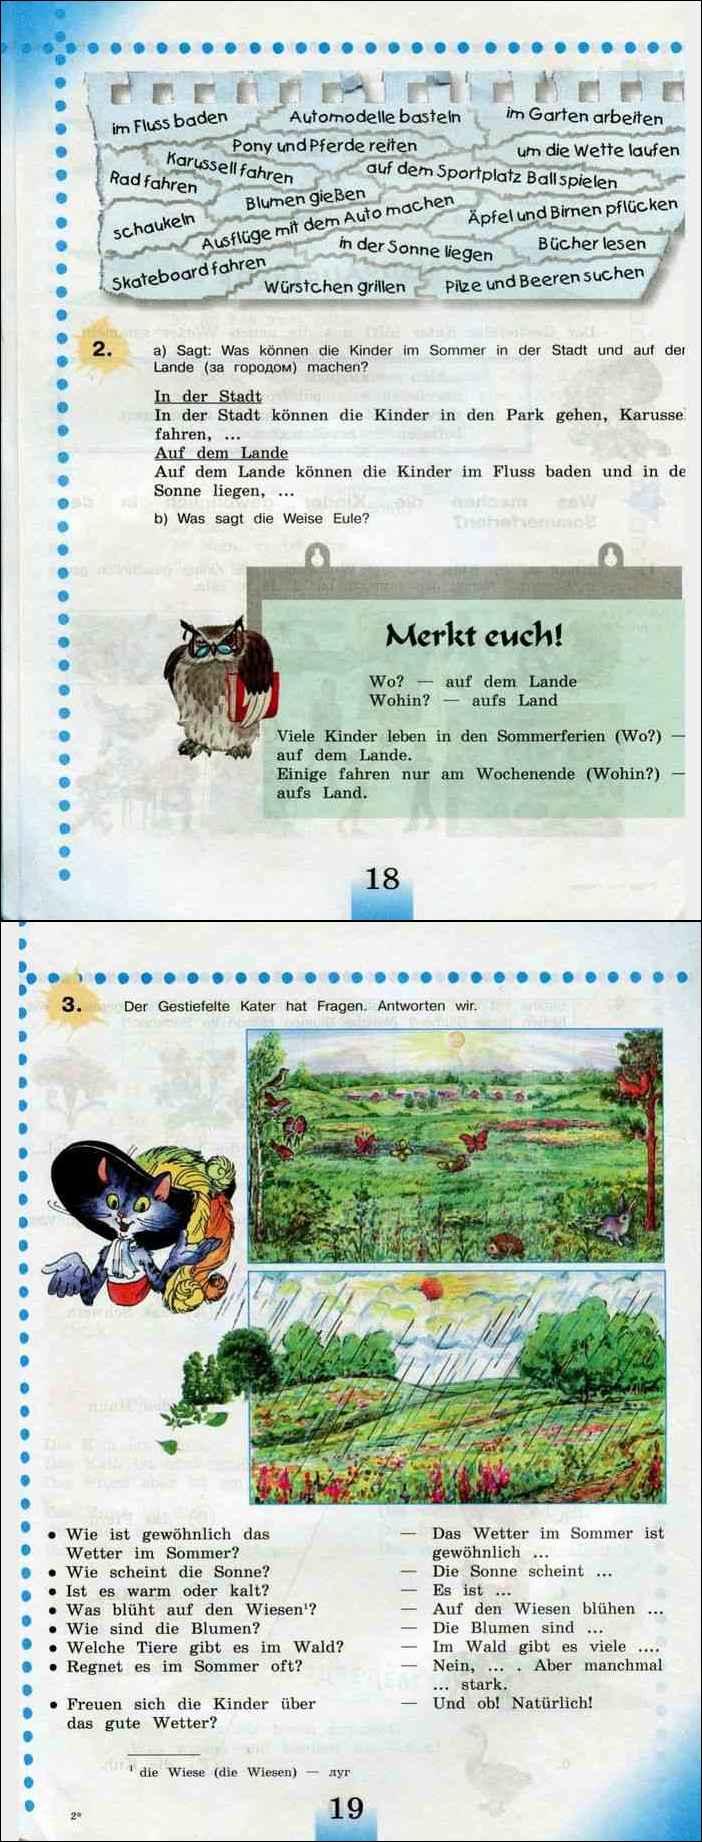 учебник немецкий язык 5 класс бим рыжова читать онлайн